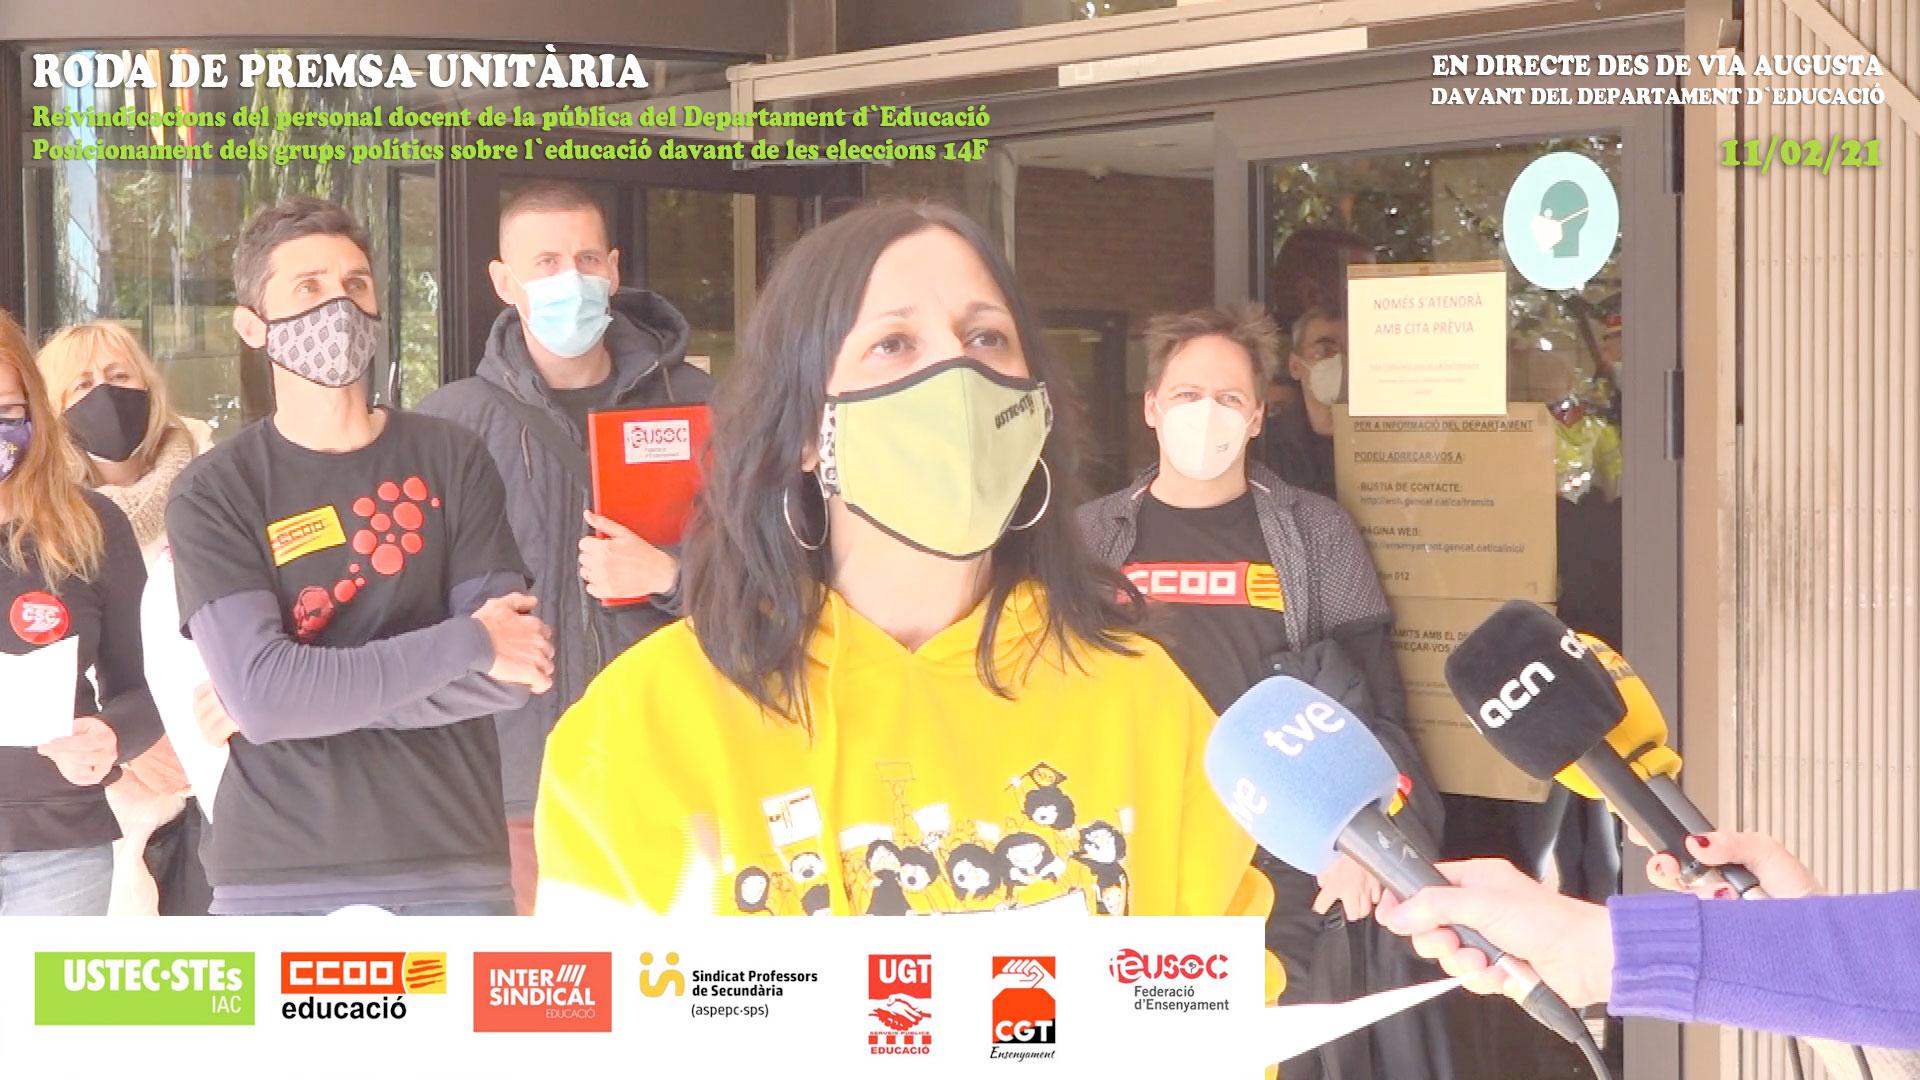 Roda de premsa unitària per les eleccions 14F davant del Departament d'Educació